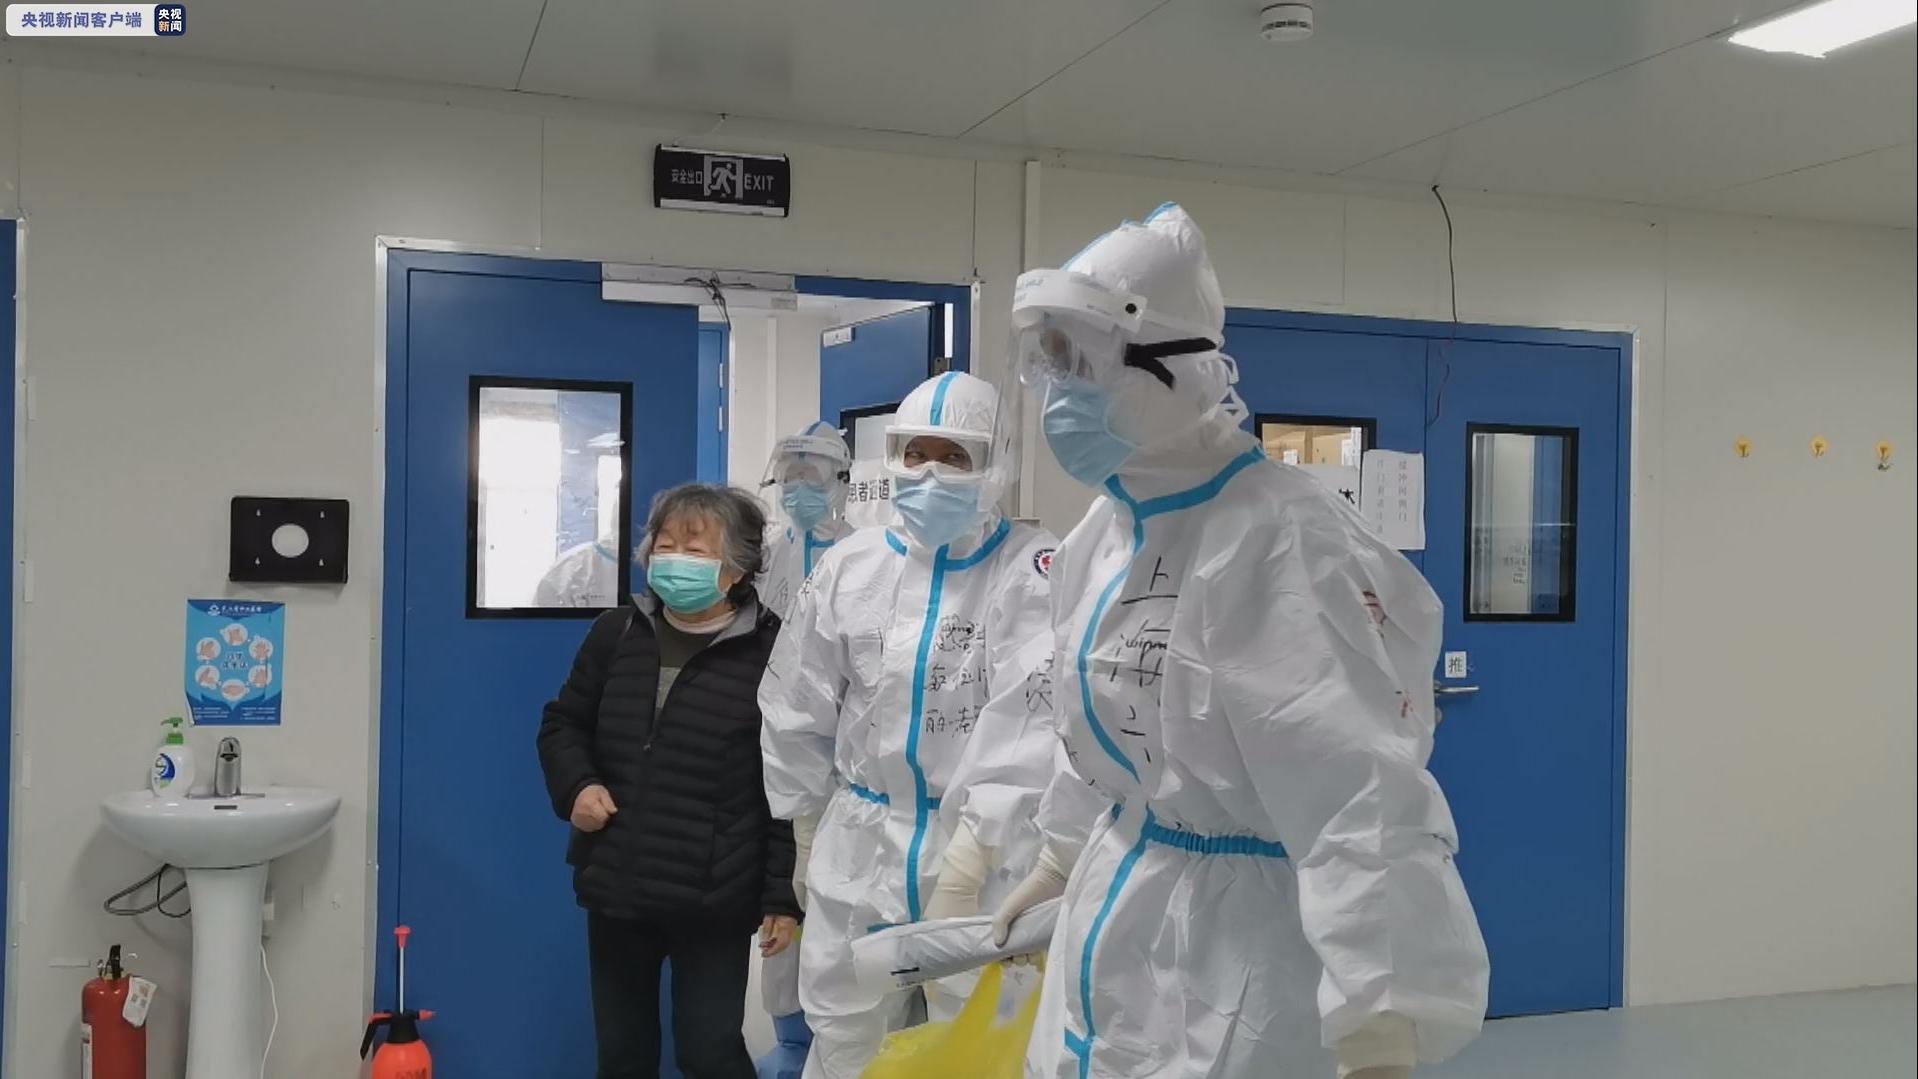 武汉雷神山医院今天完成最后一次病区合并图片